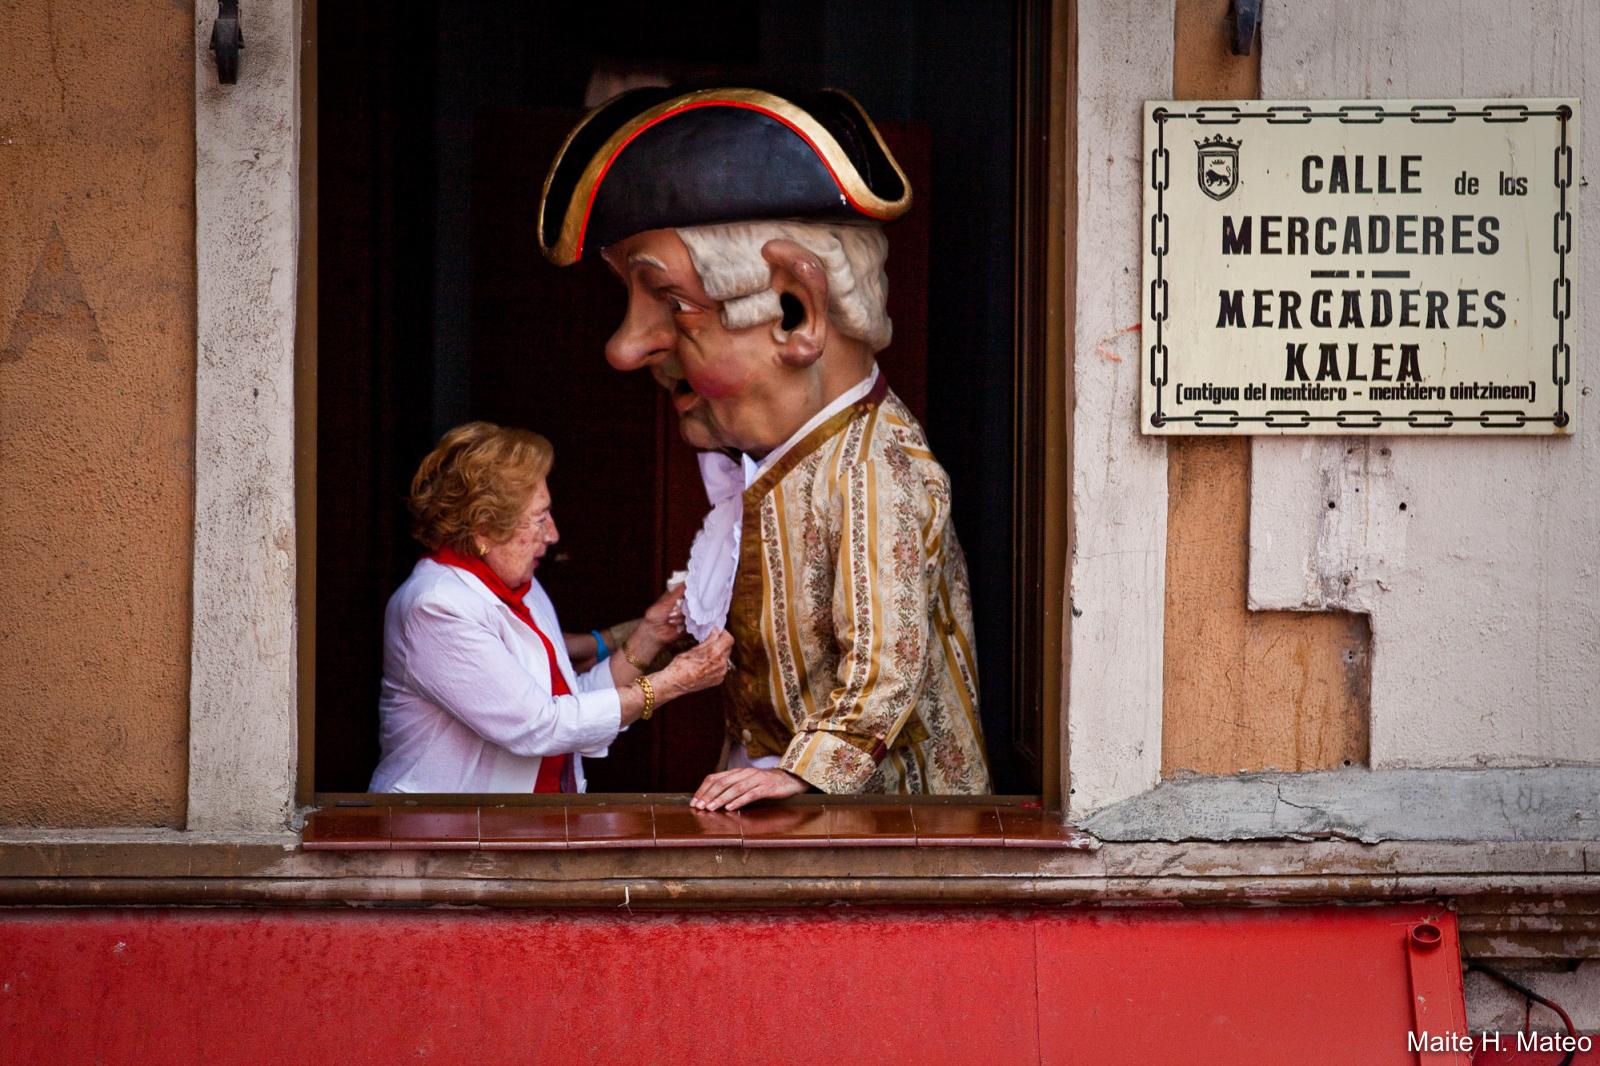 Señora pamplonesa junto a un cabezudo en Sanfermines